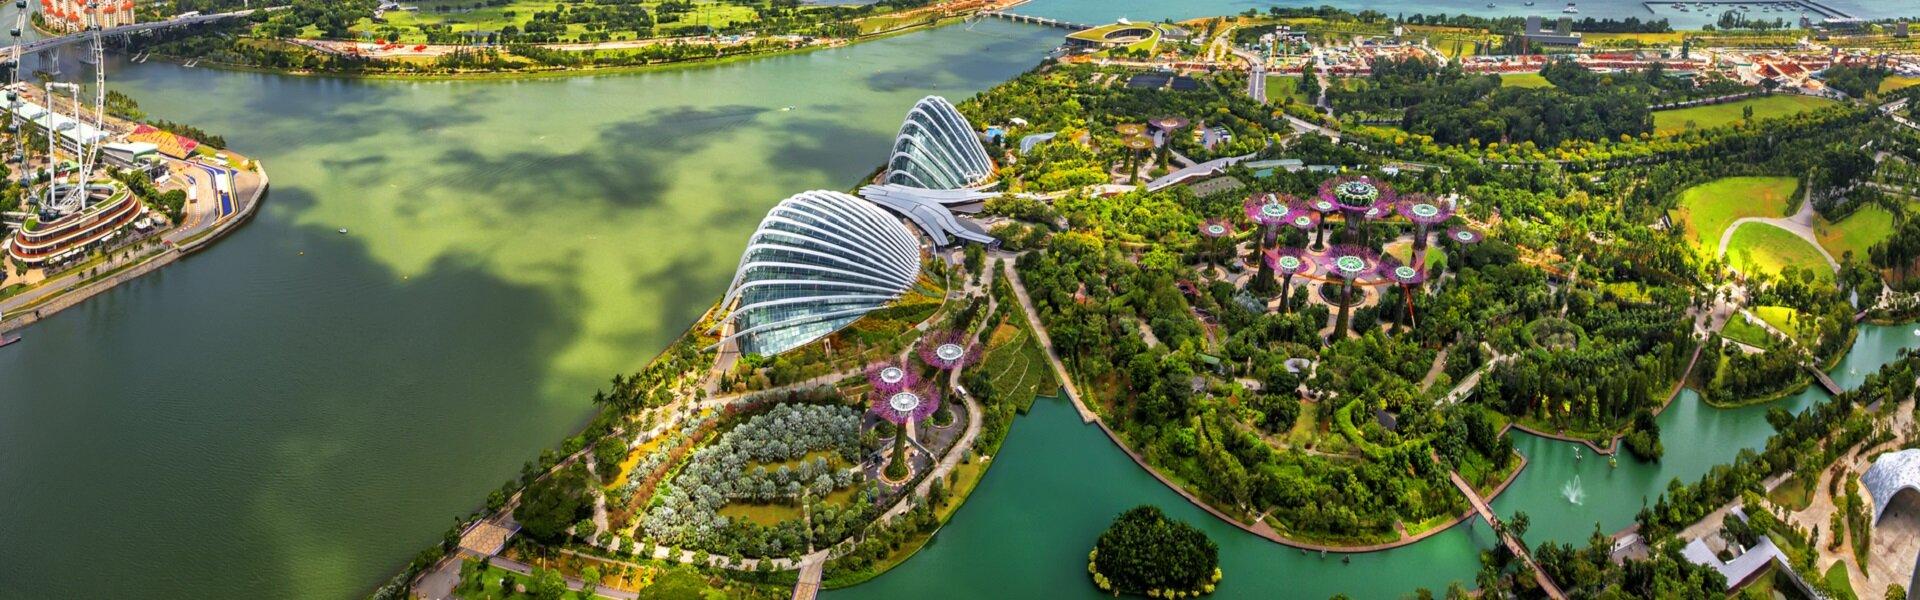 Singapore miglior luogo di incontri